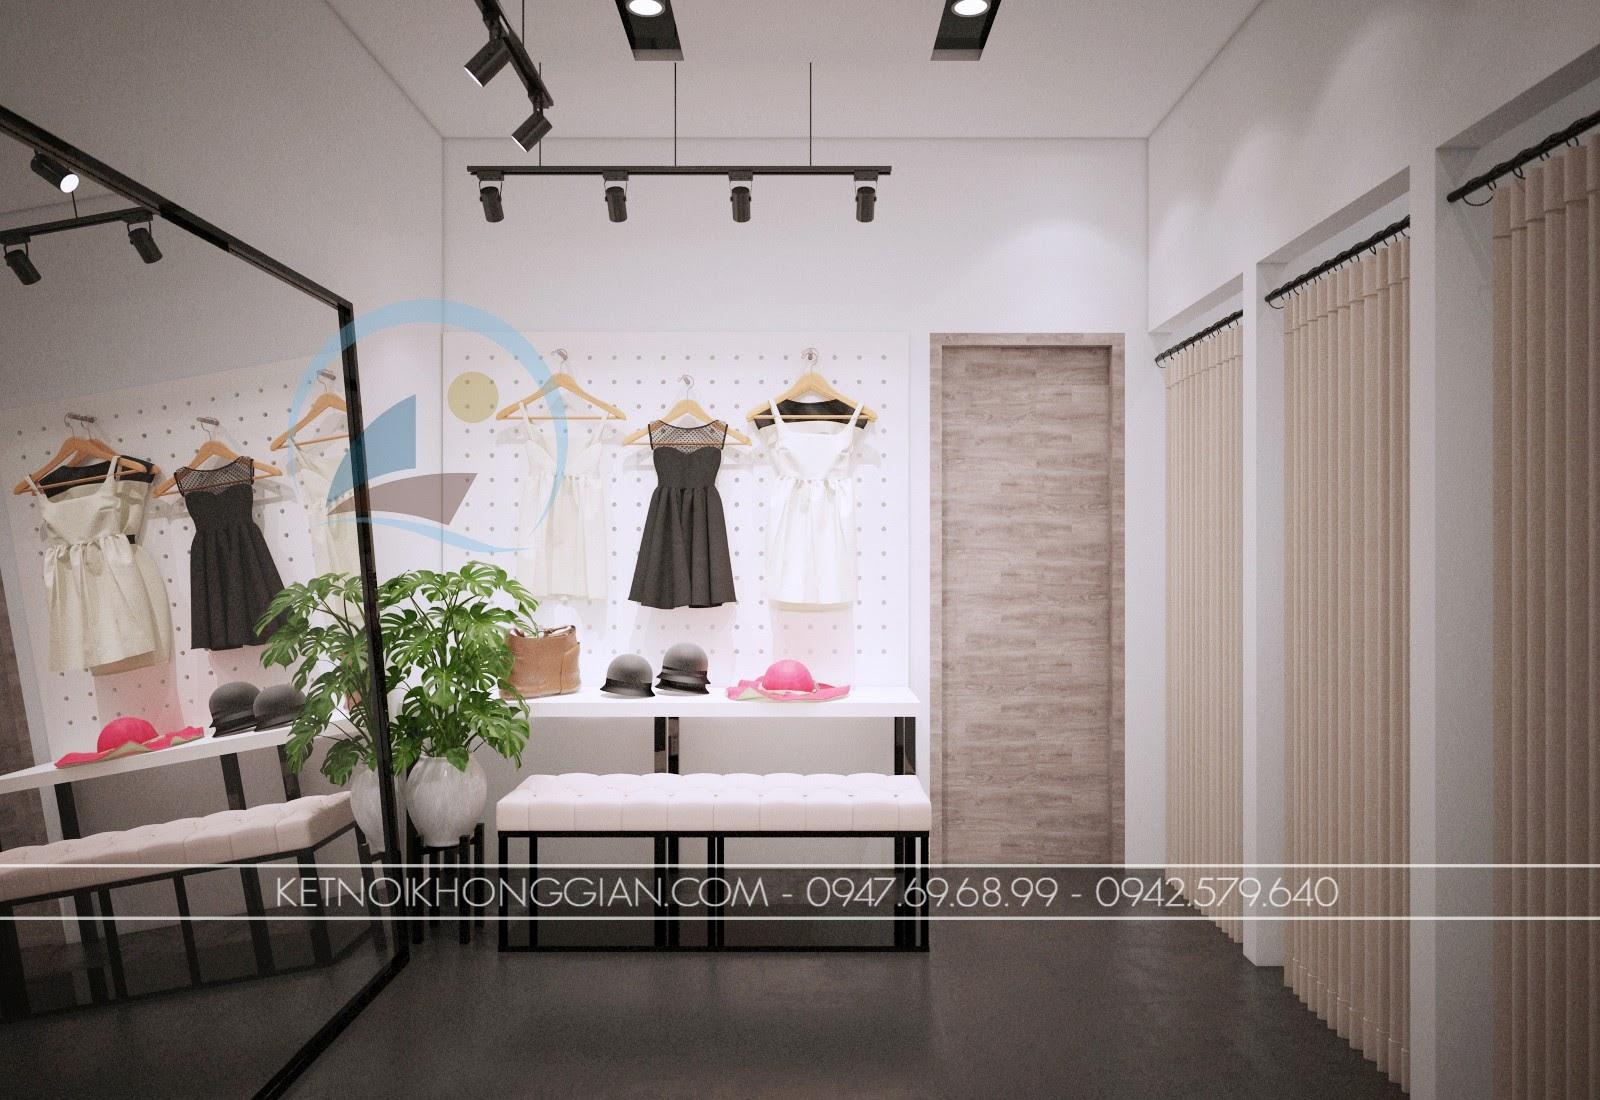 thiết kế shop thời trang giá rẻ tuyệt vời